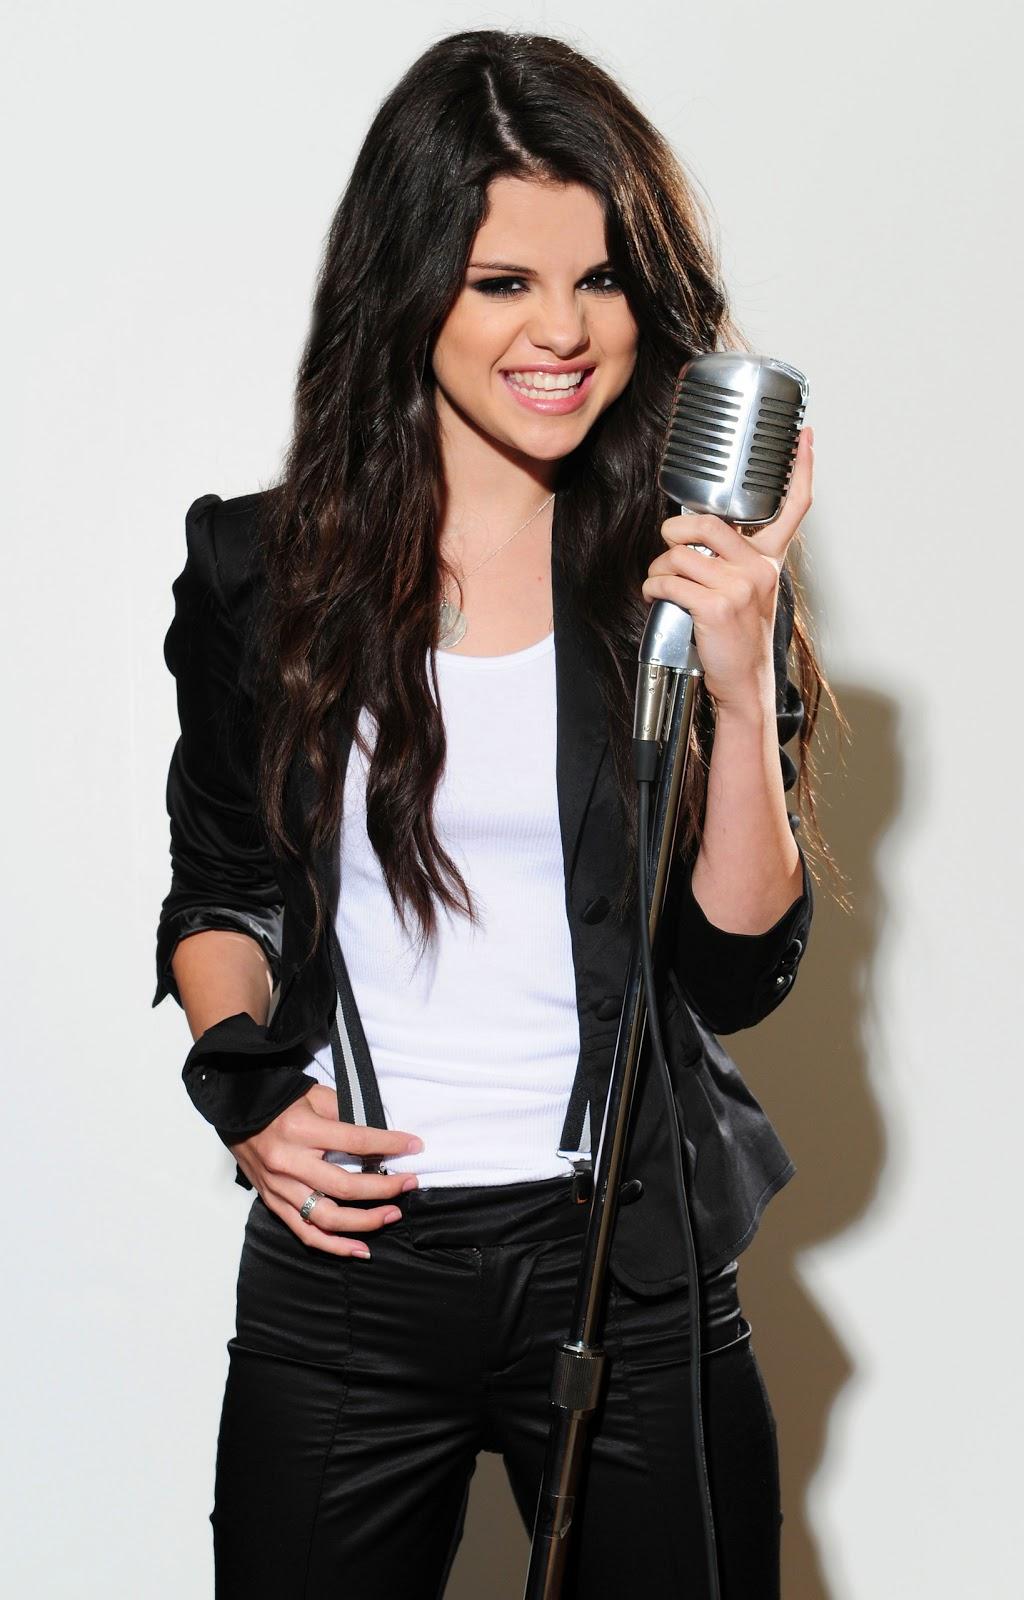 http://1.bp.blogspot.com/-xD7YfltUHbw/Te9HaIC4tuI/AAAAAAAAAL0/F75oboftRQg/s1600/Selena-Gomez-selena-gomez-7872569-1638-2560.jpg